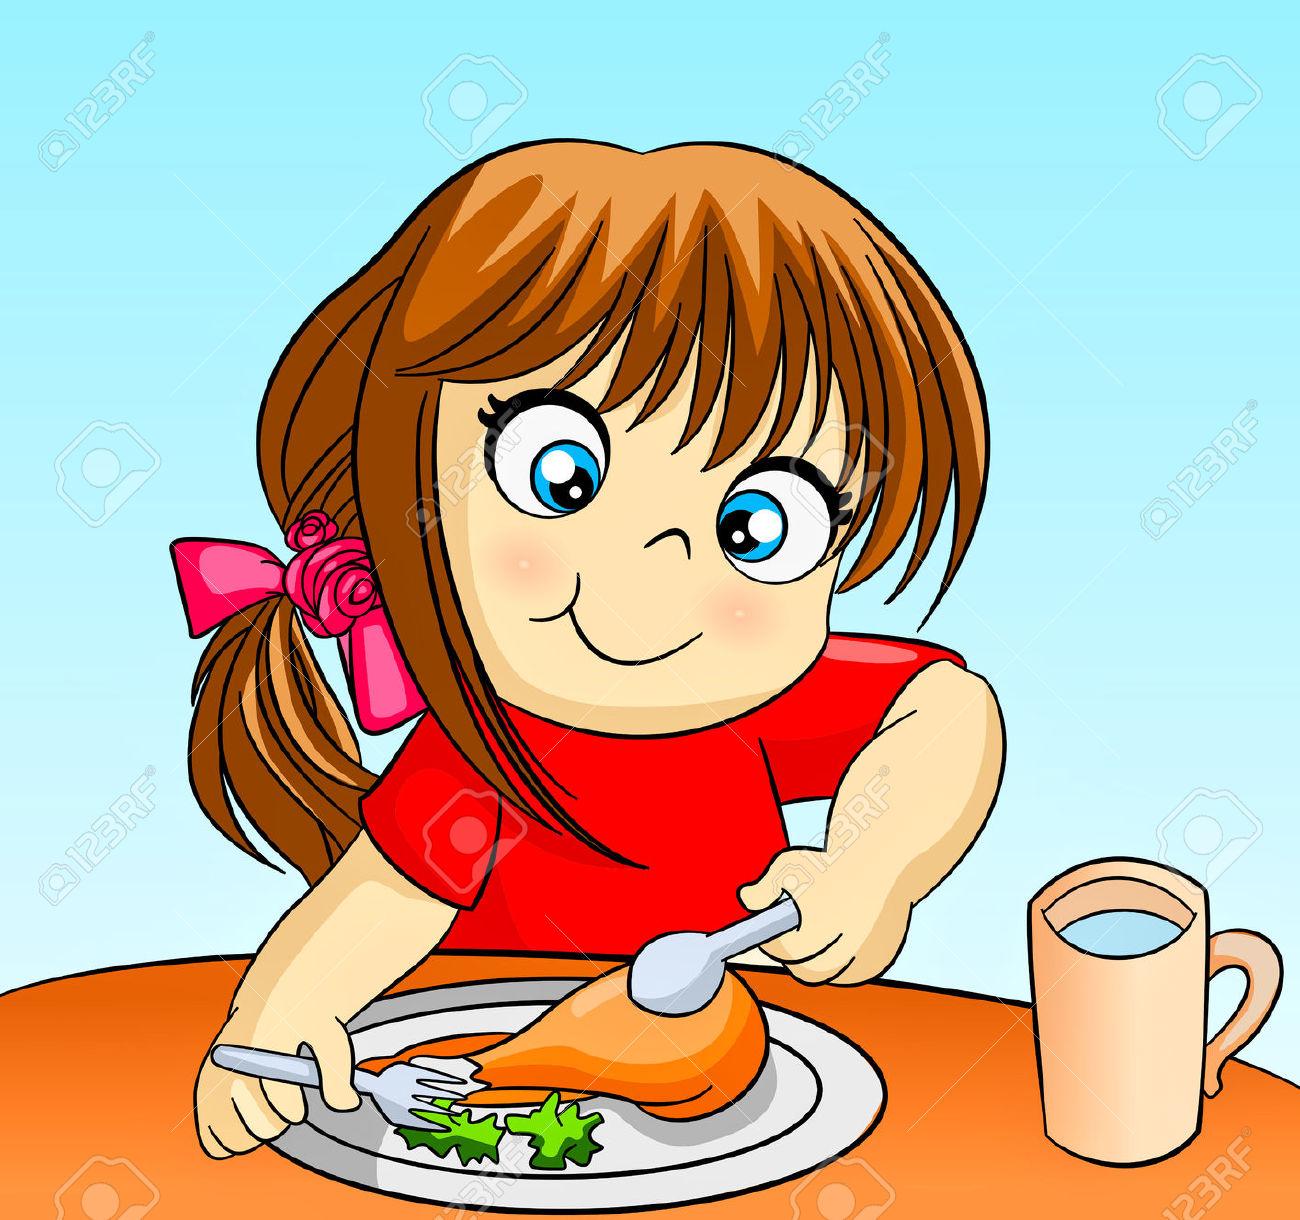 Eat Dinner Clipart.